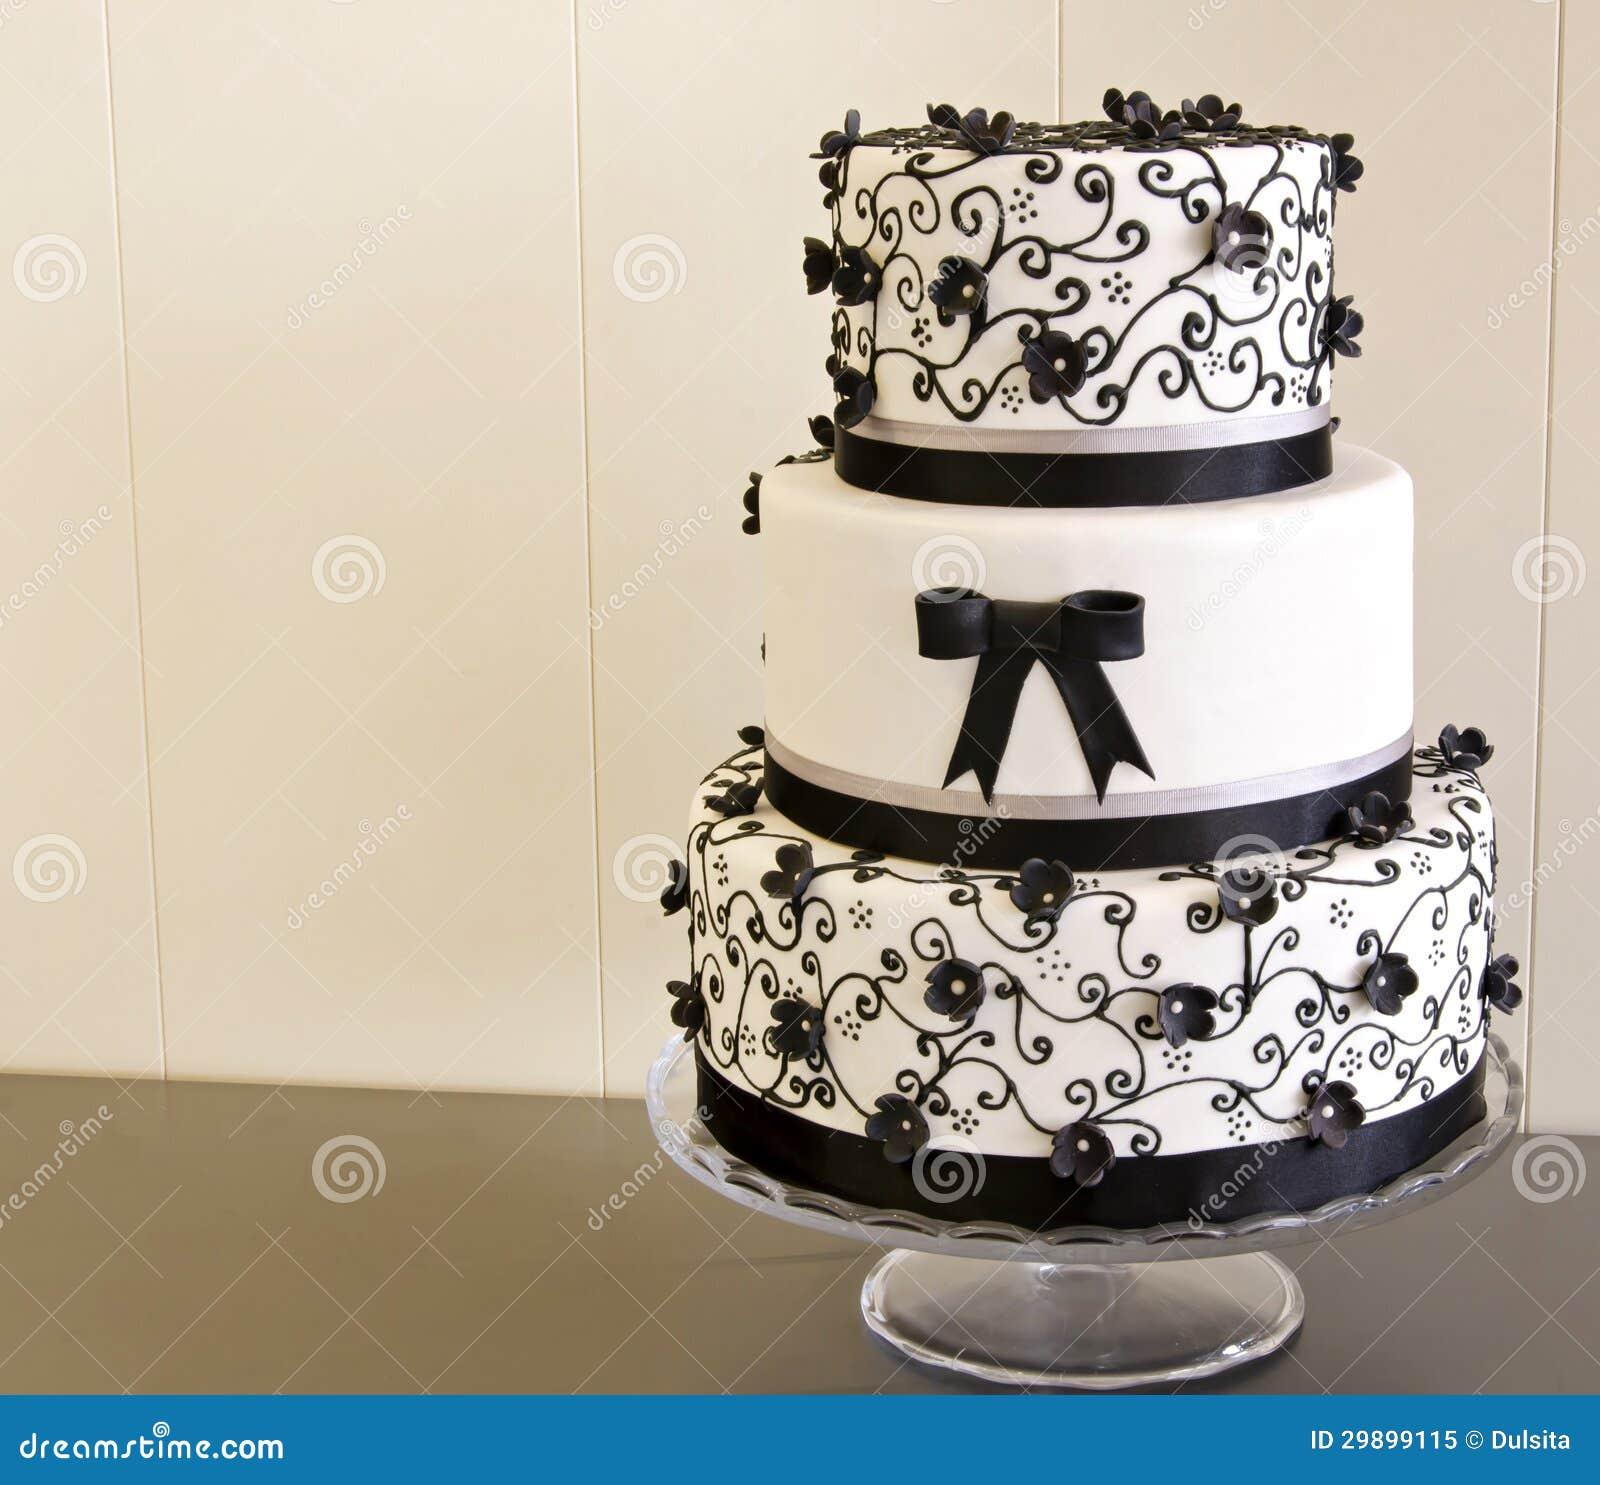 Hochzeitstorte verziert mit Fondant auf einer Tabelle.